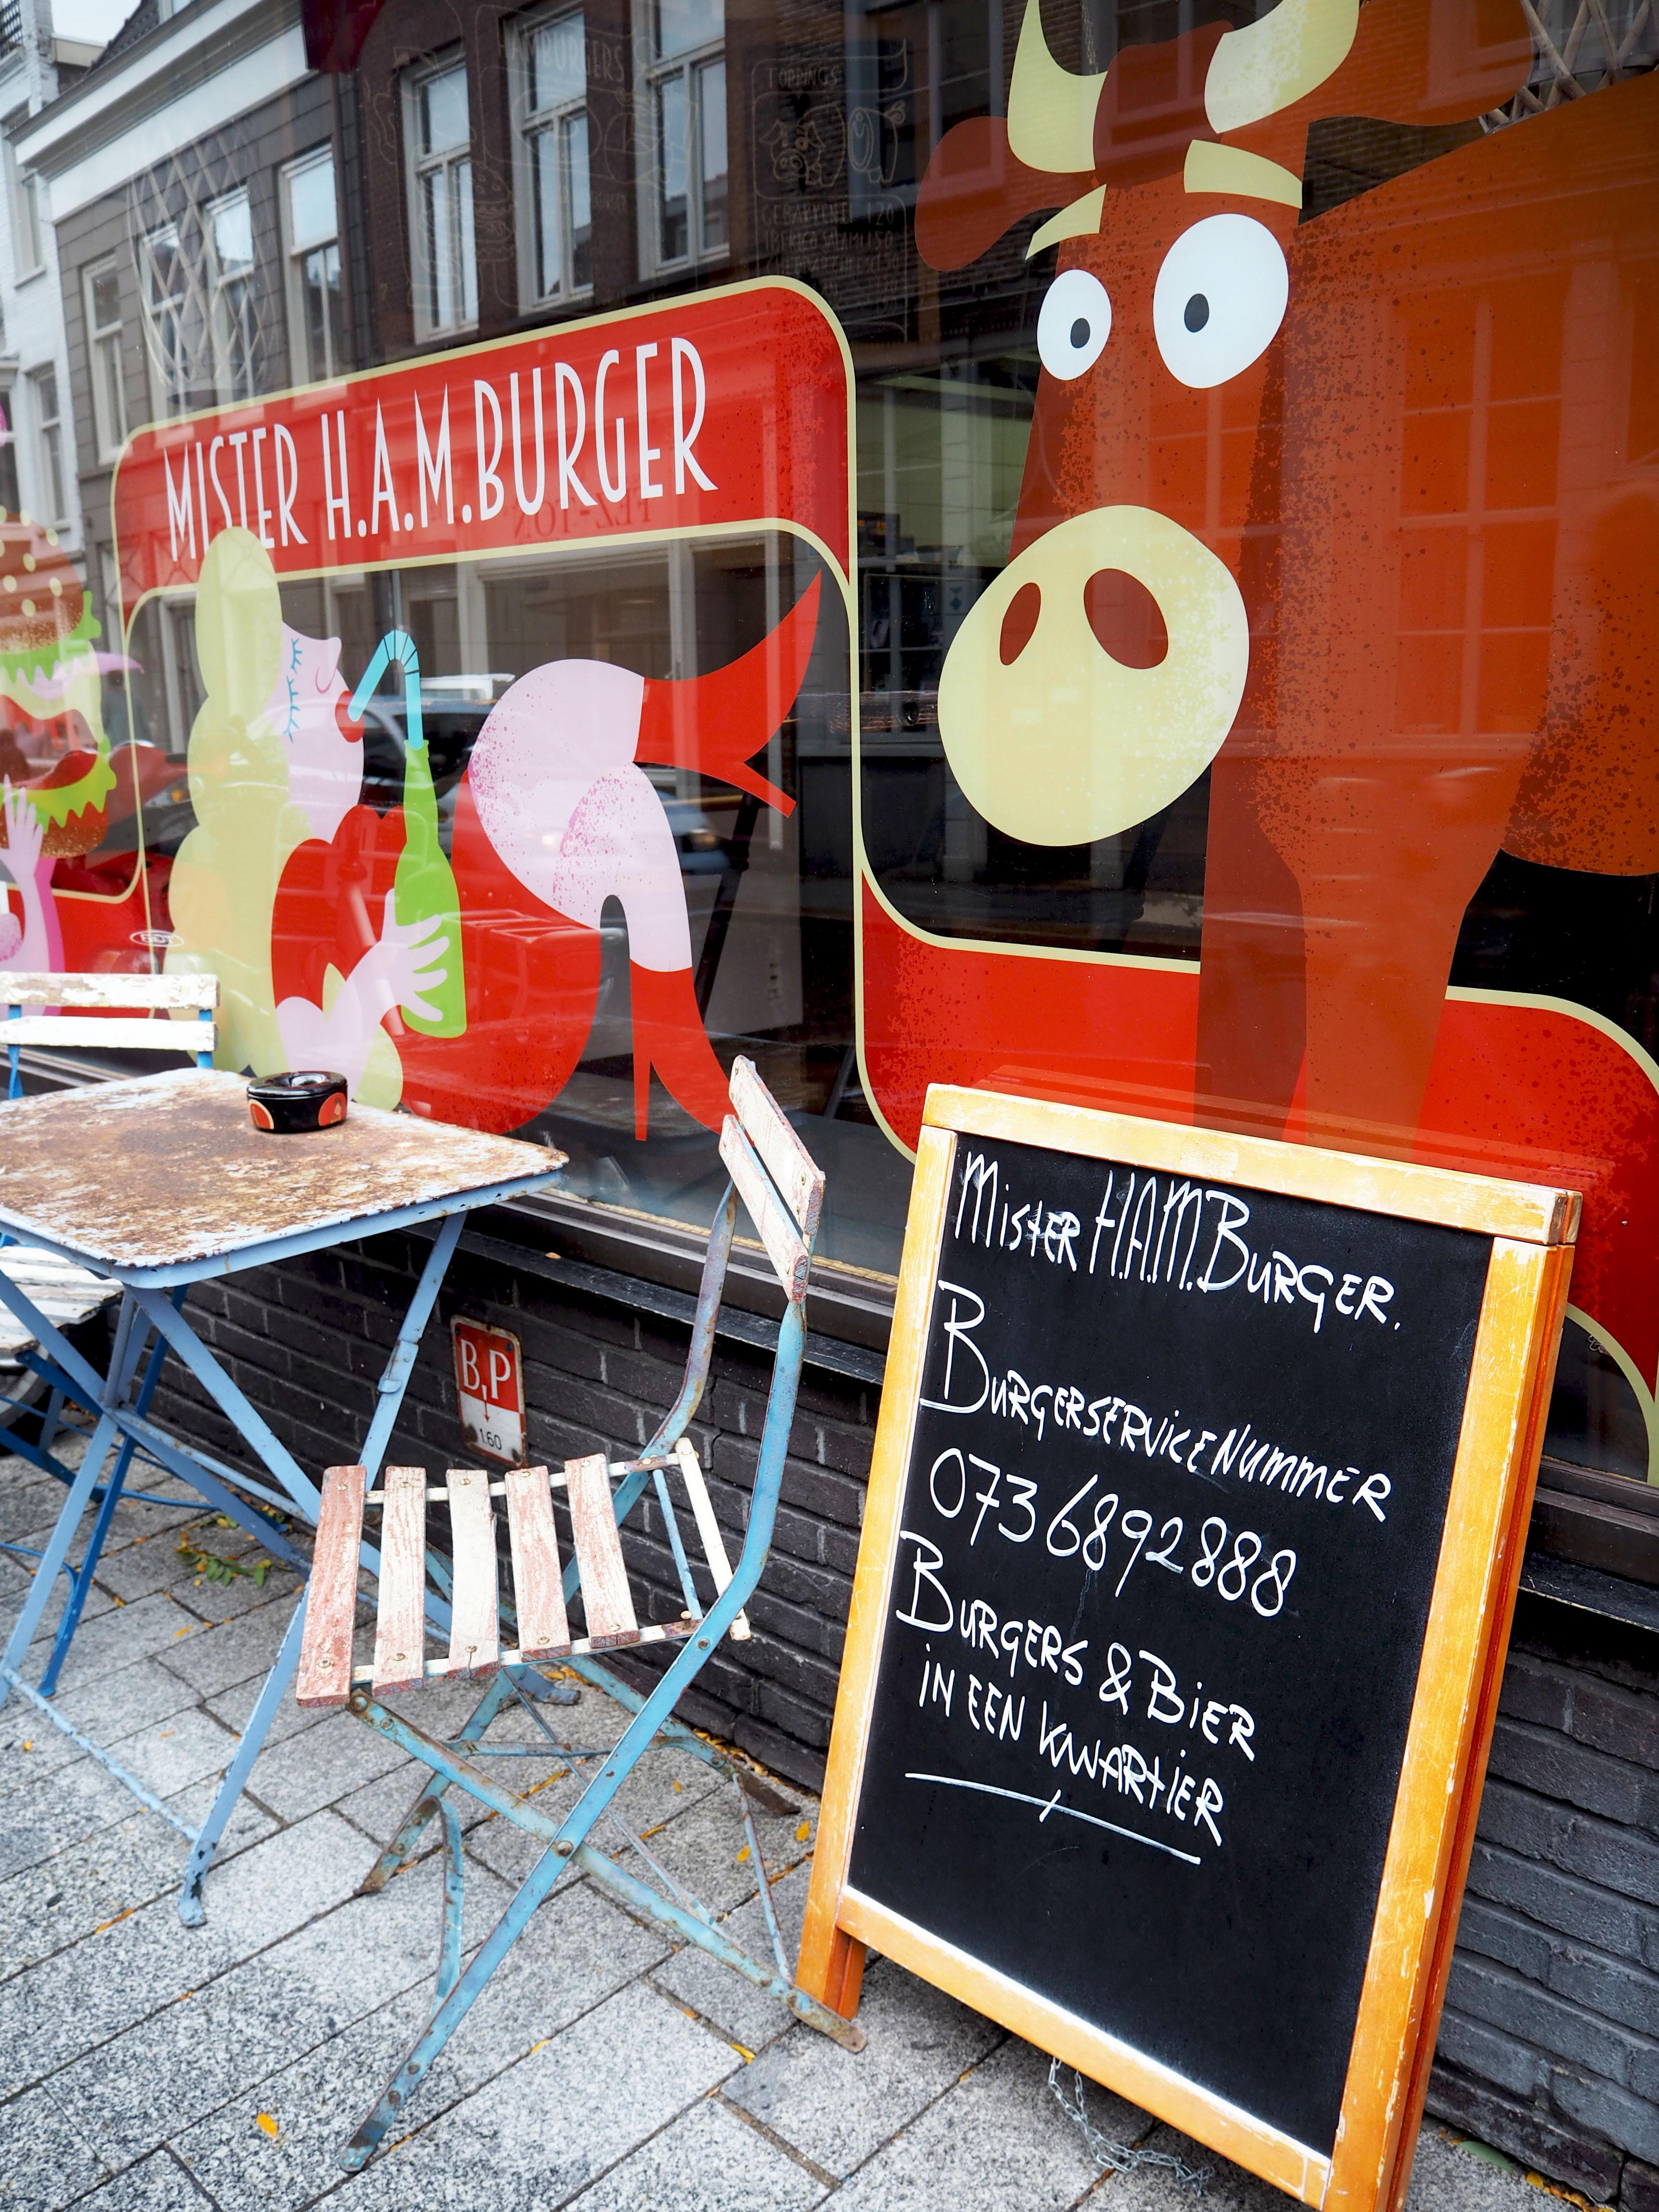 foodtour typisch bosch Mister H.A.M.burger